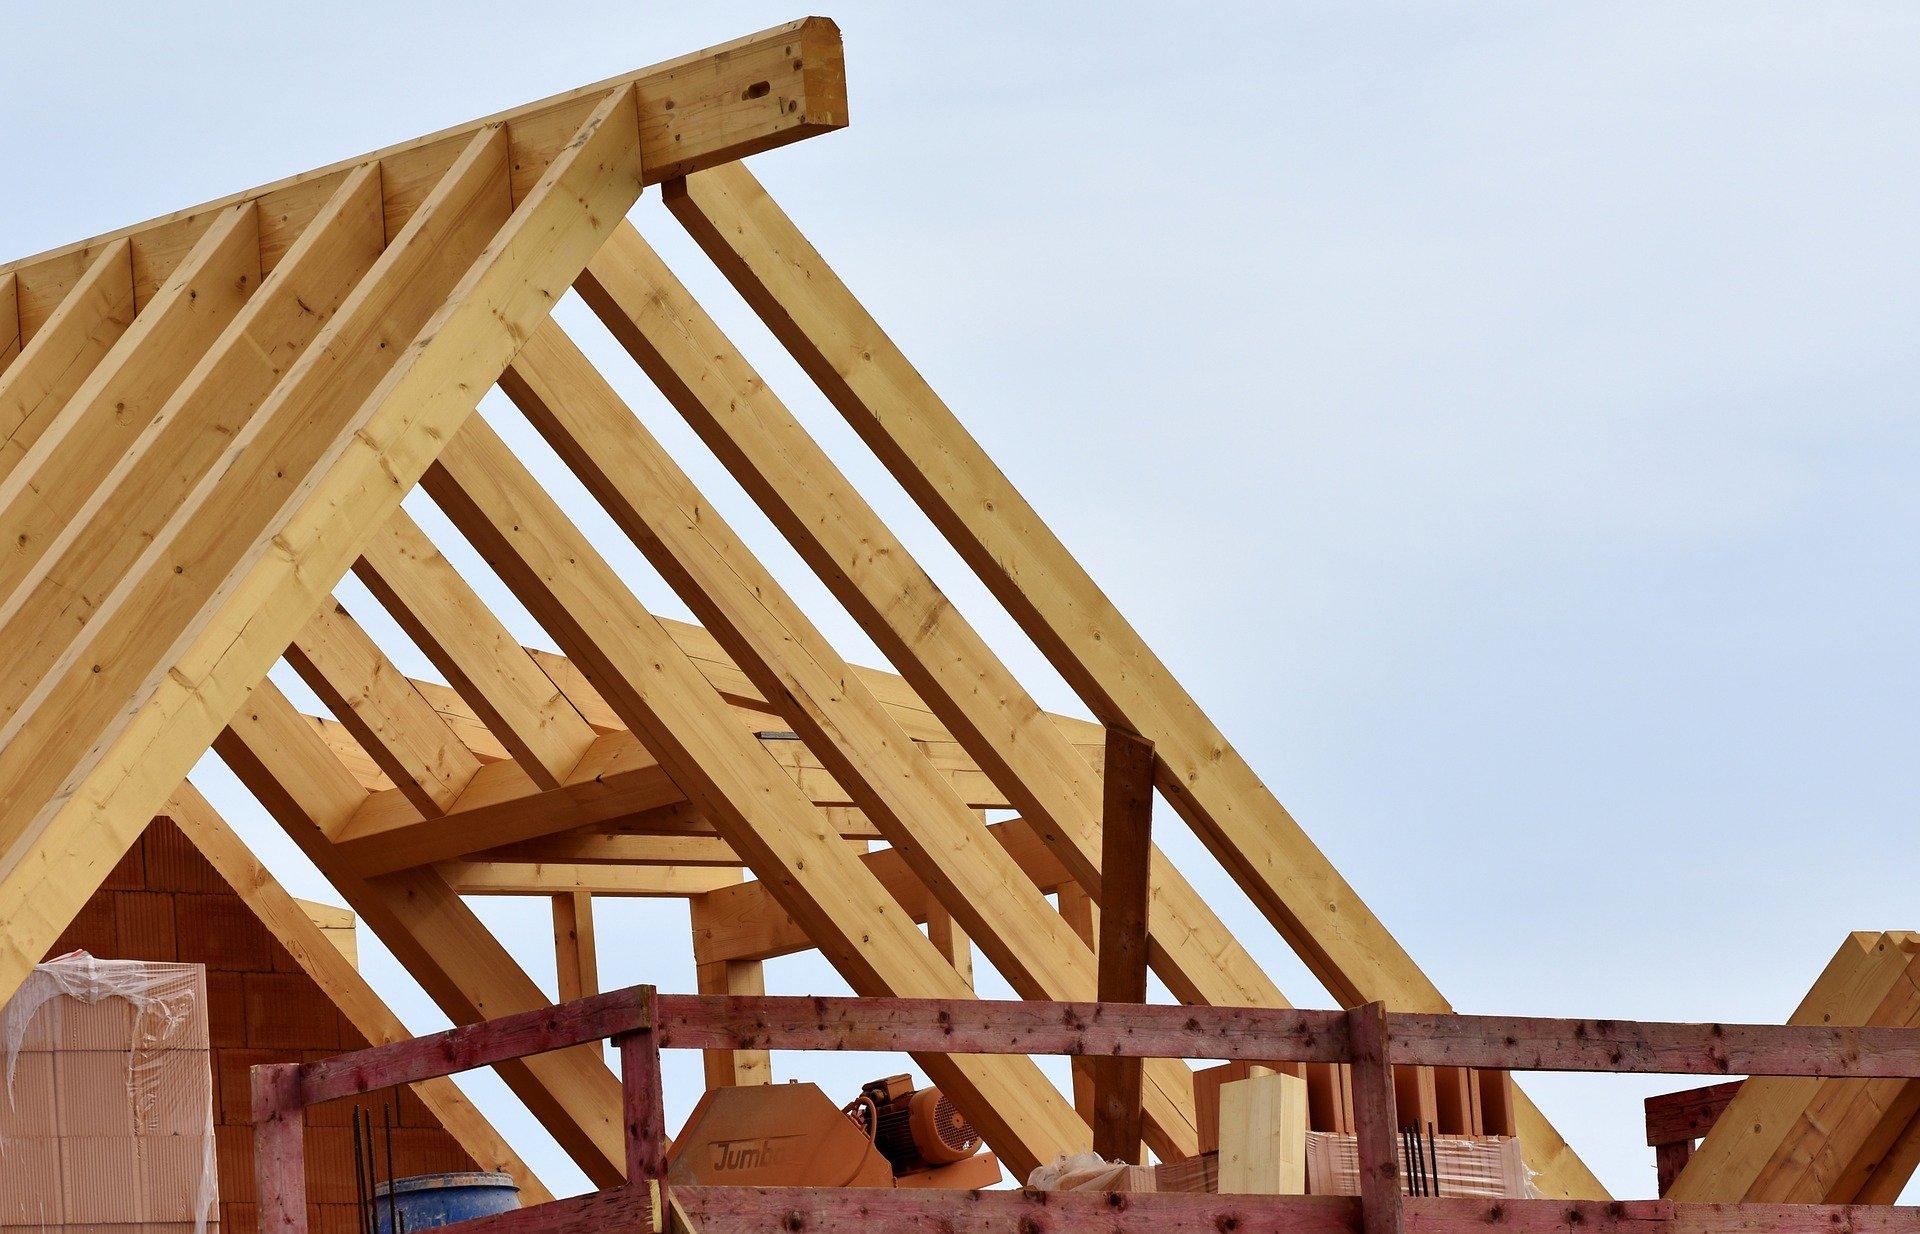 Ein unfertiges Dach mit Gerüst und Materialien